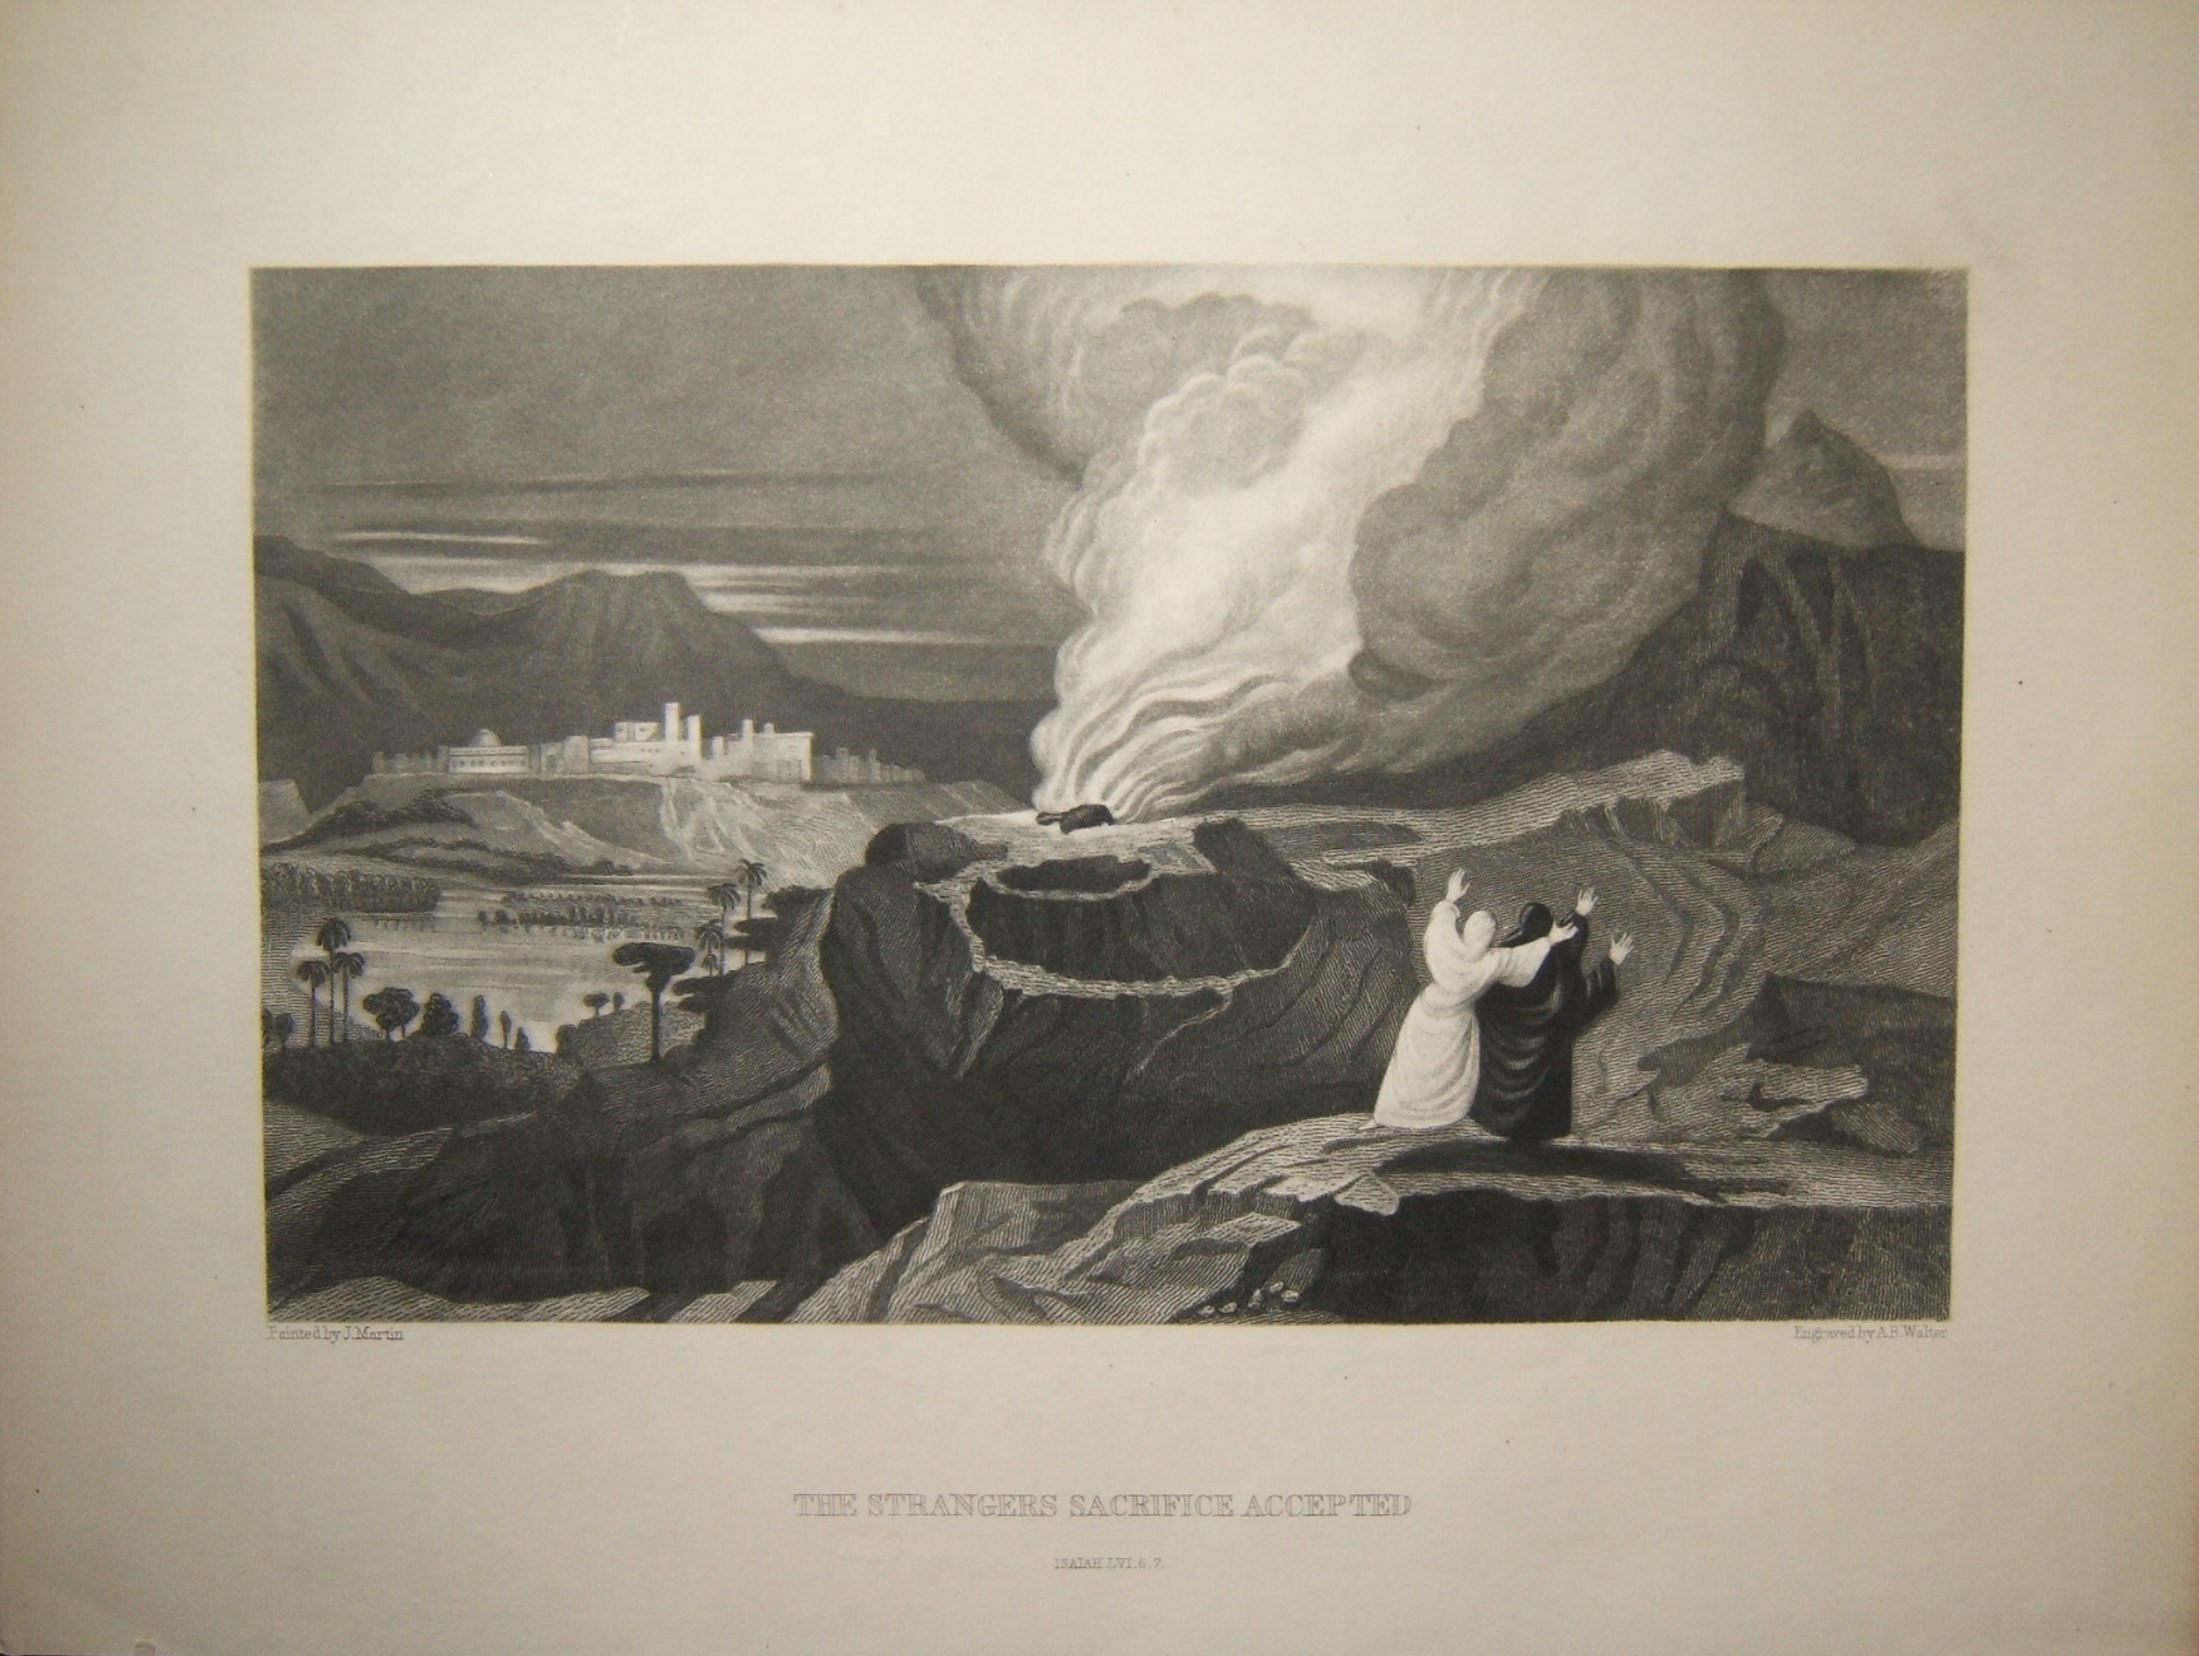 דפוס מקראי הקורבן הזר התקבל; מרטין וולטר, המאה ה -19